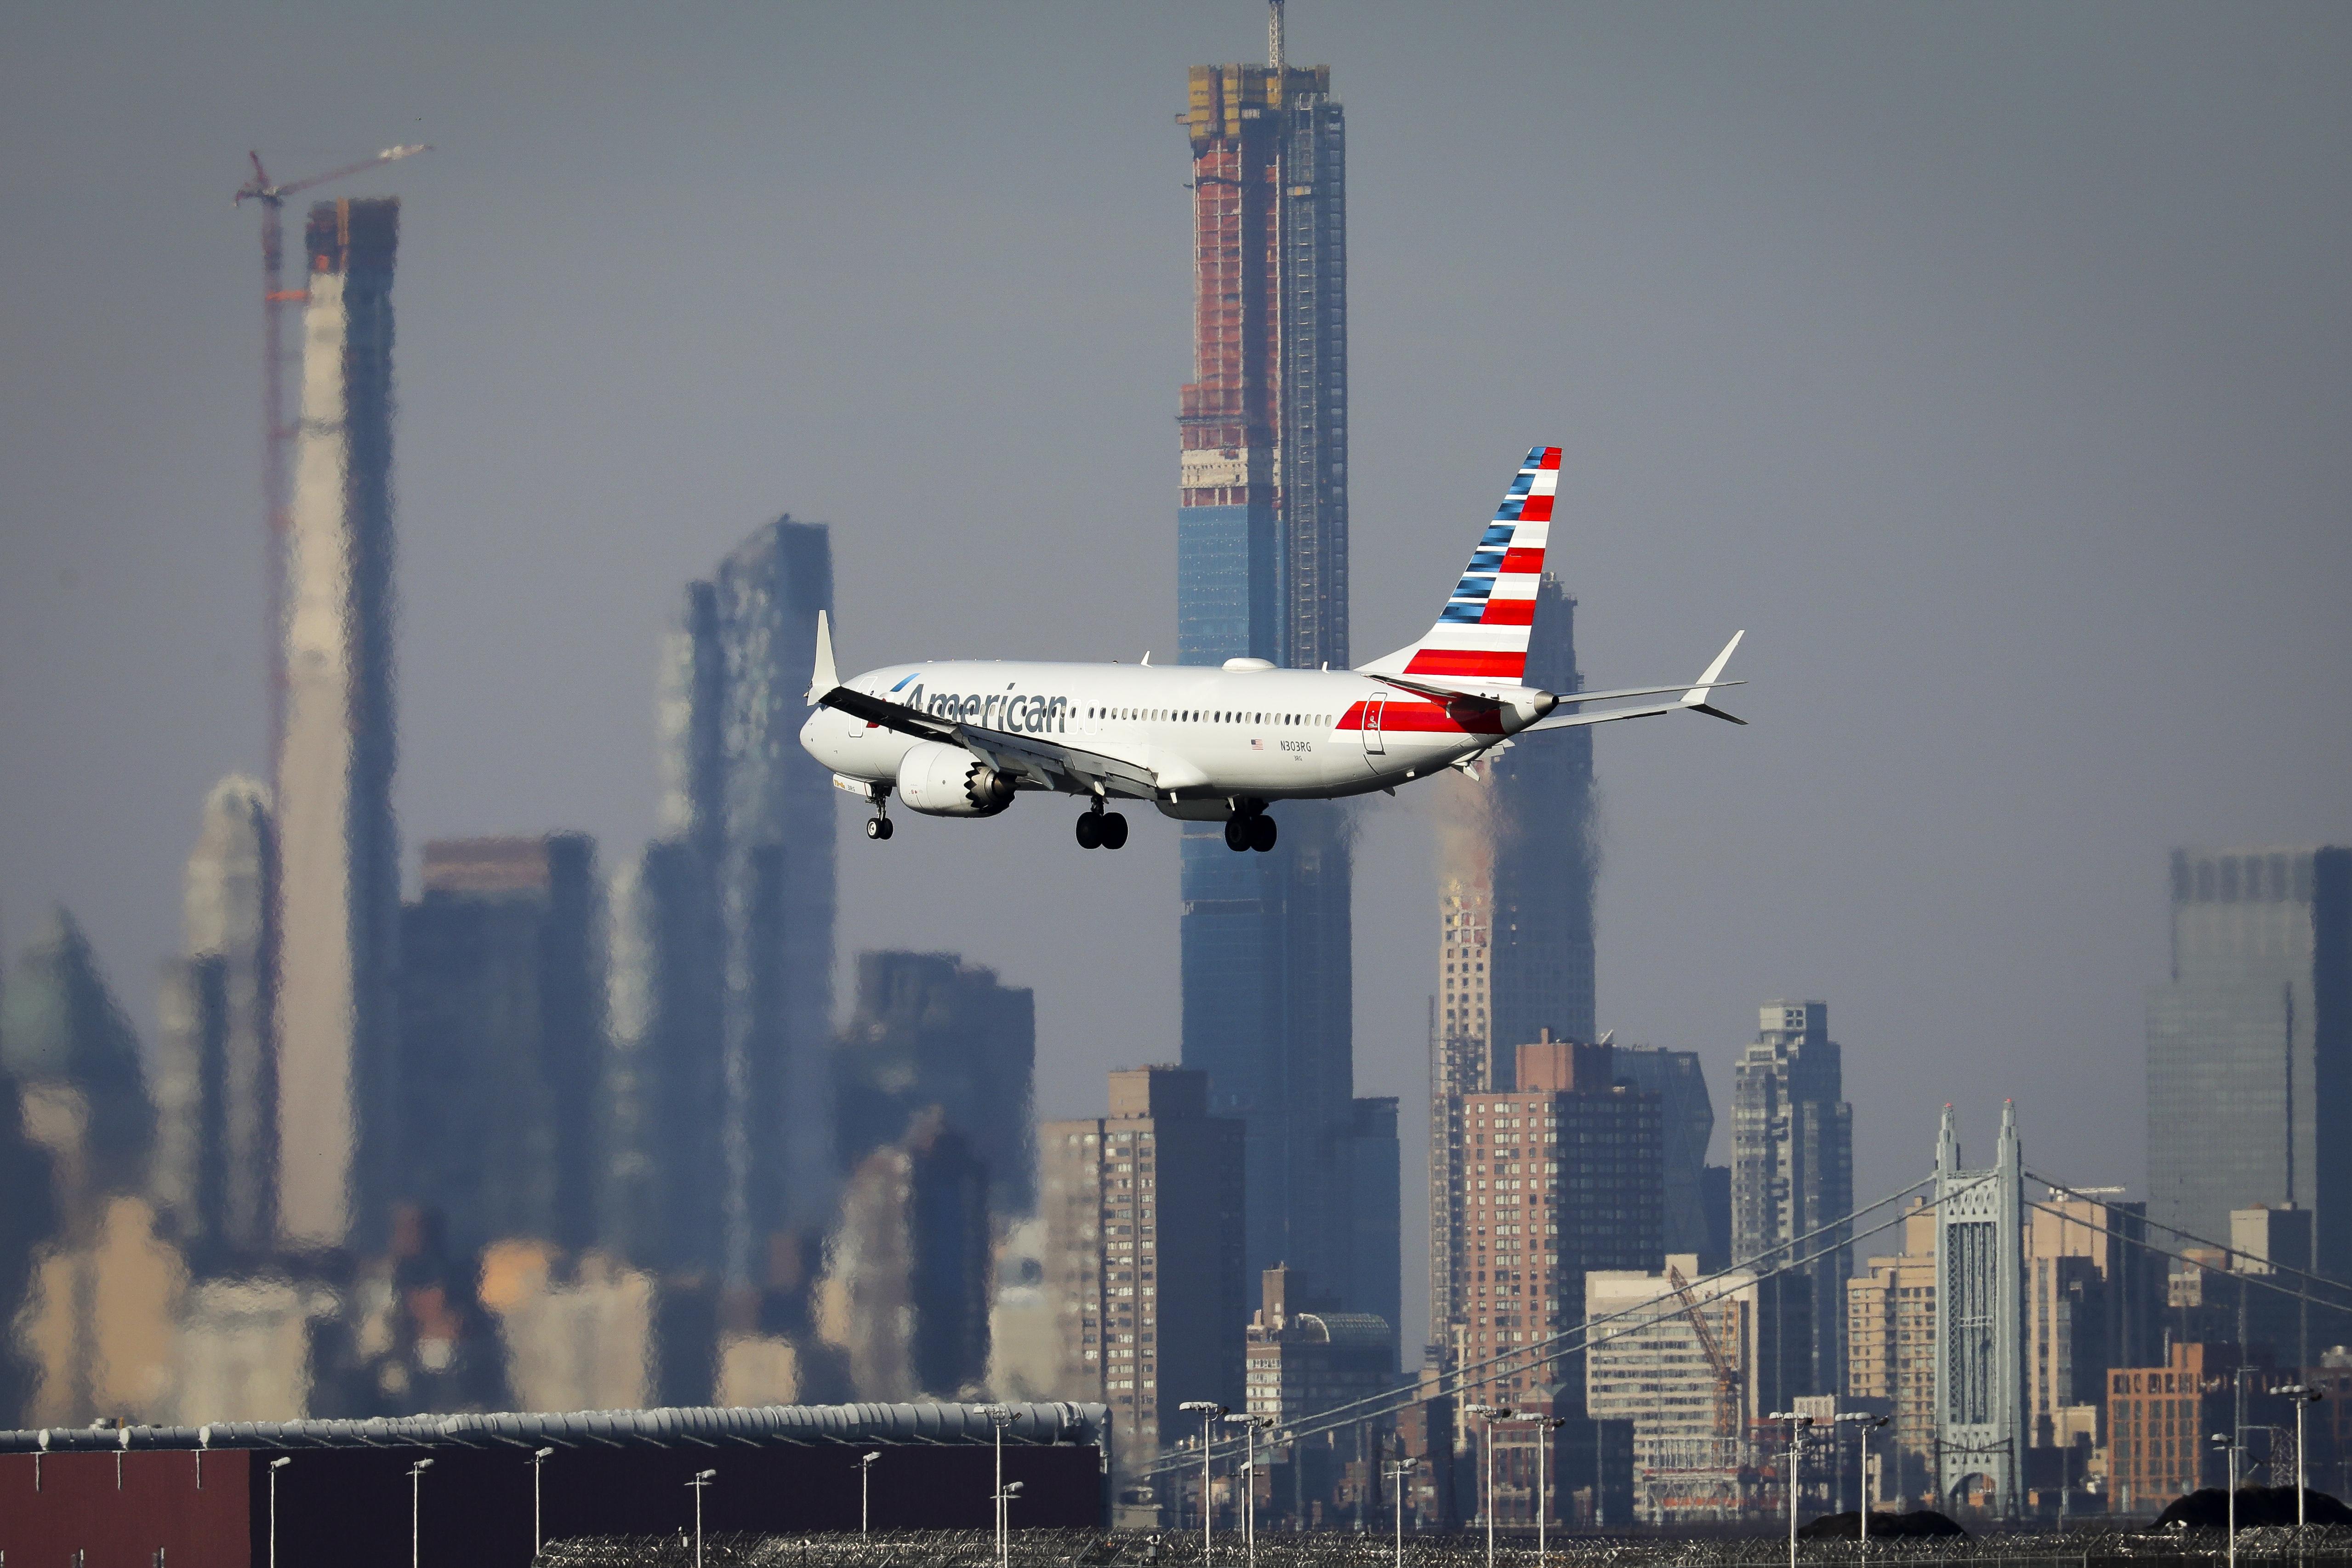 美航管局:波音737Max飛機「持續適航」